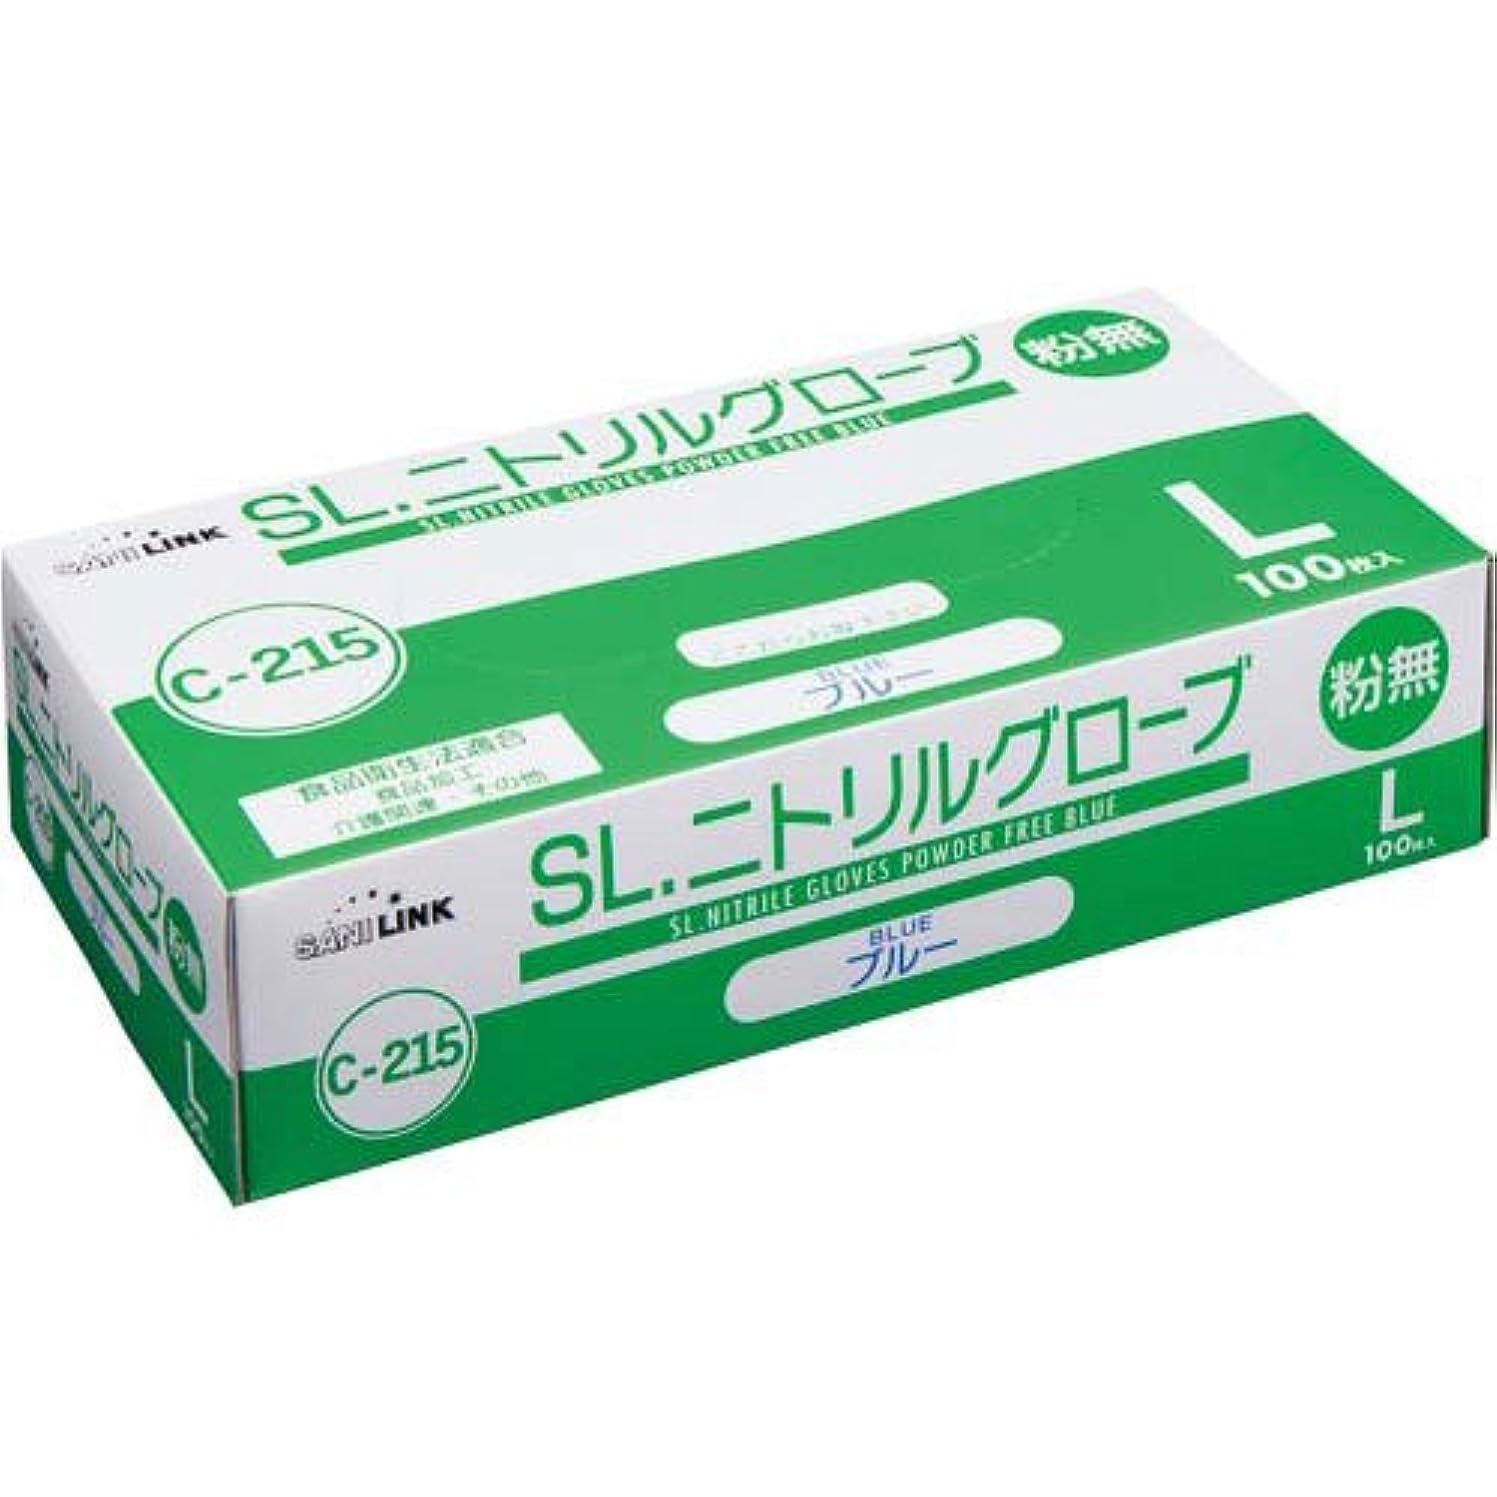 古い石膏有用フジリンクス ニトリルグローブ 粉無L ブルー100枚入